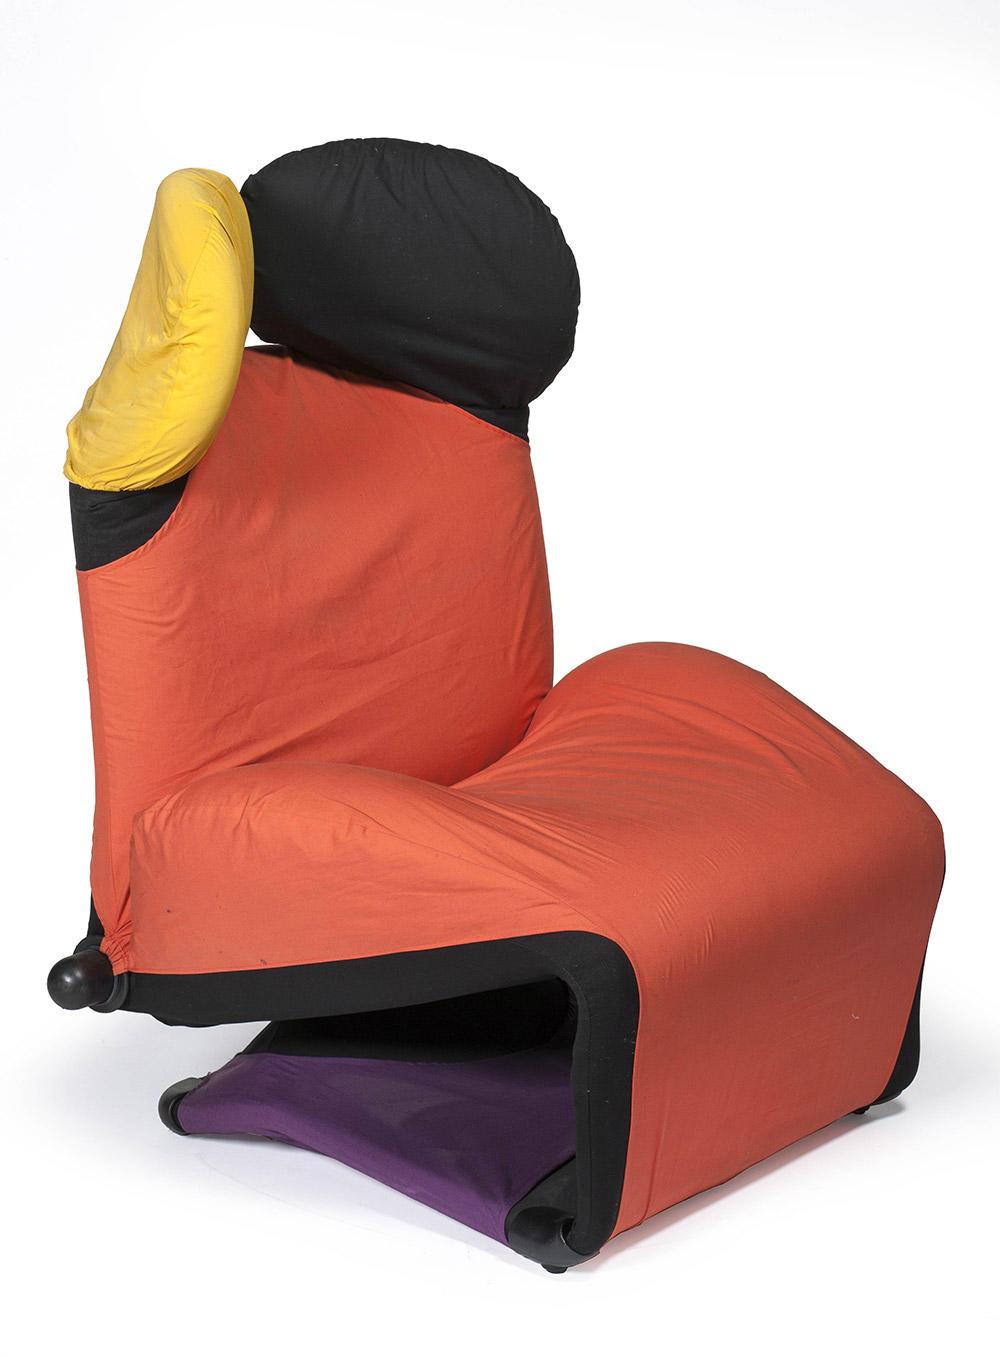 Fauteuil Japonais Pour Faire L'amour : fauteuil, japonais, faire, l'amour, Riom,, Musée, Mandet,, Chefs-d'œuvre, Design, Japonais